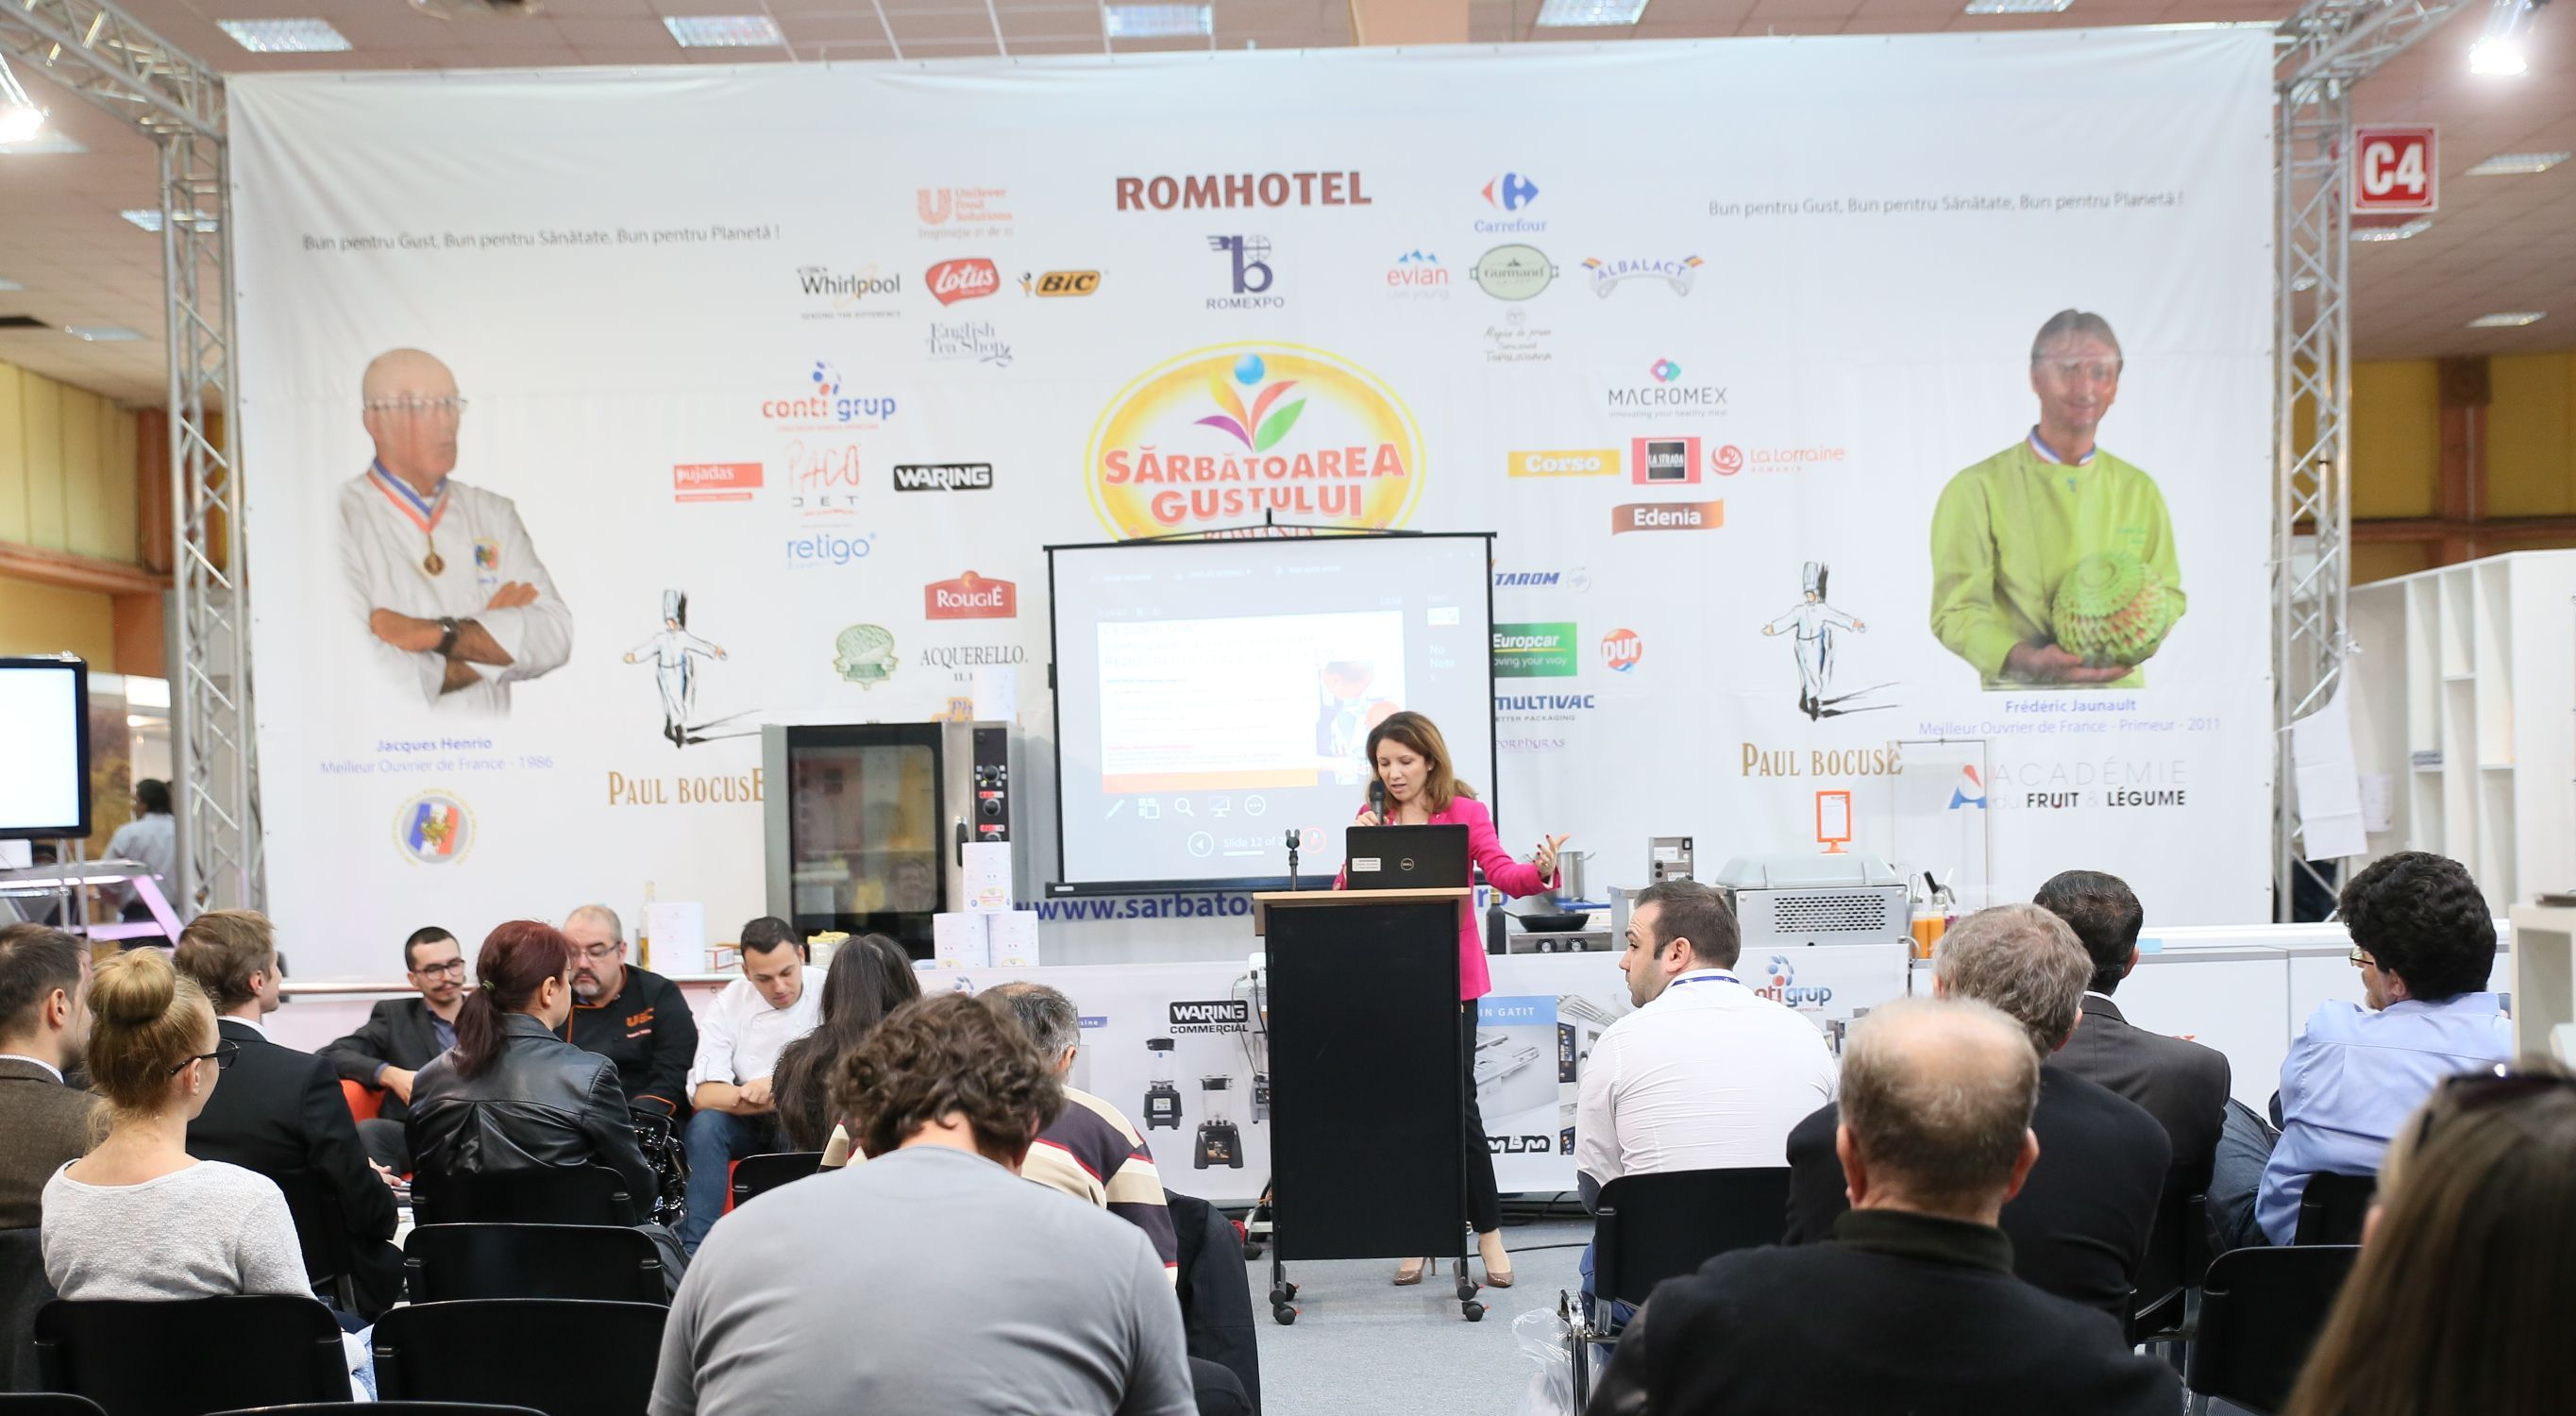 Black_Sea_Food_Summit_Sarbatoarea_Gustului_la_Romhotel_2015_56